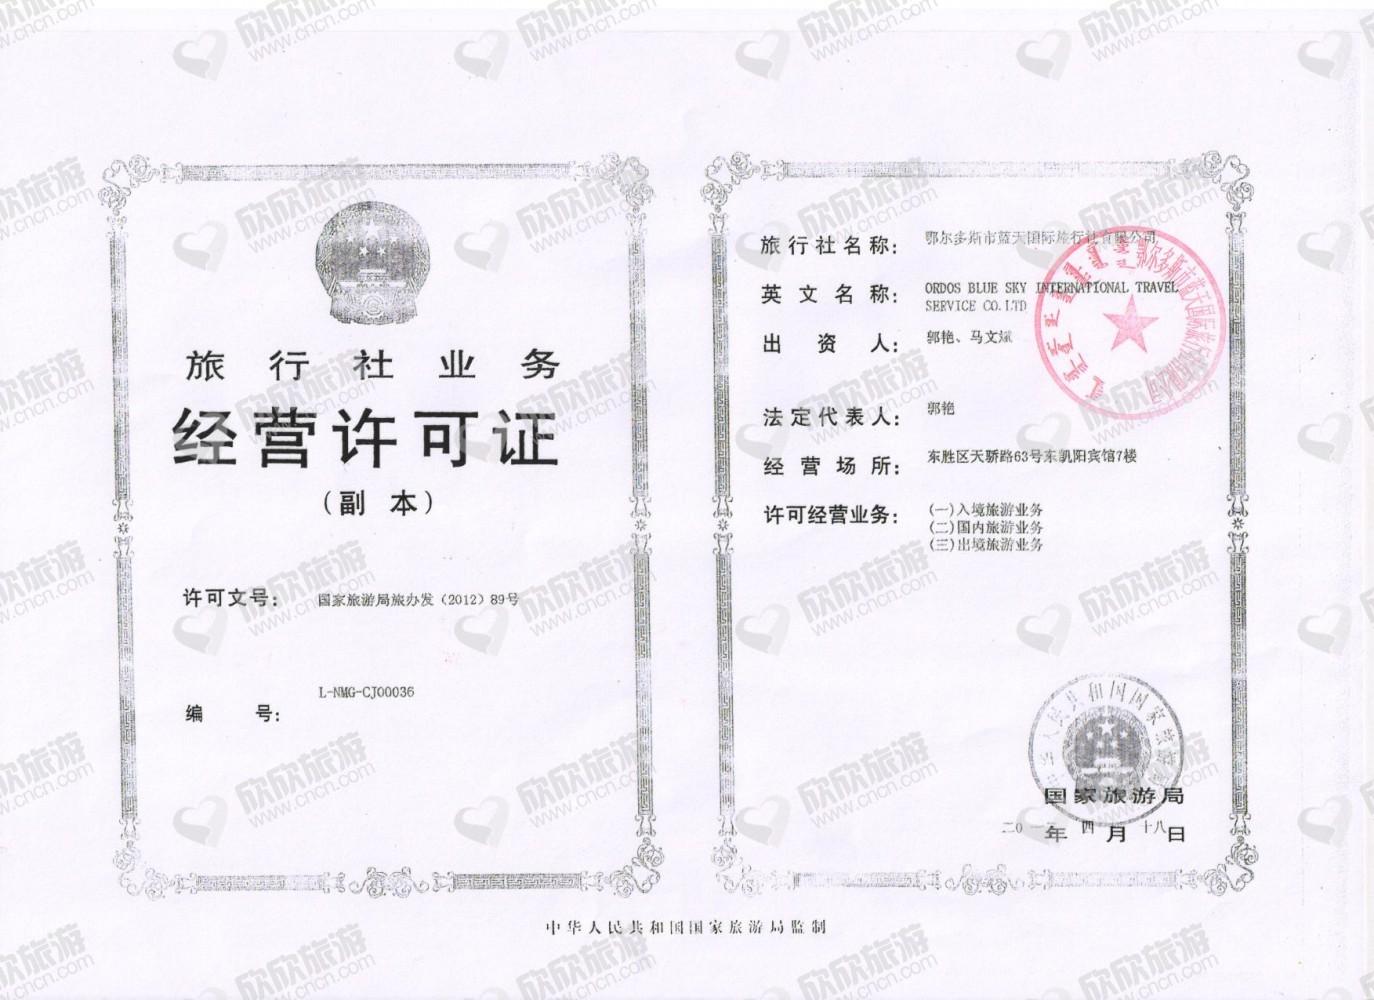 鄂尔多斯市蓝天国际旅行社有限公司经营许可证